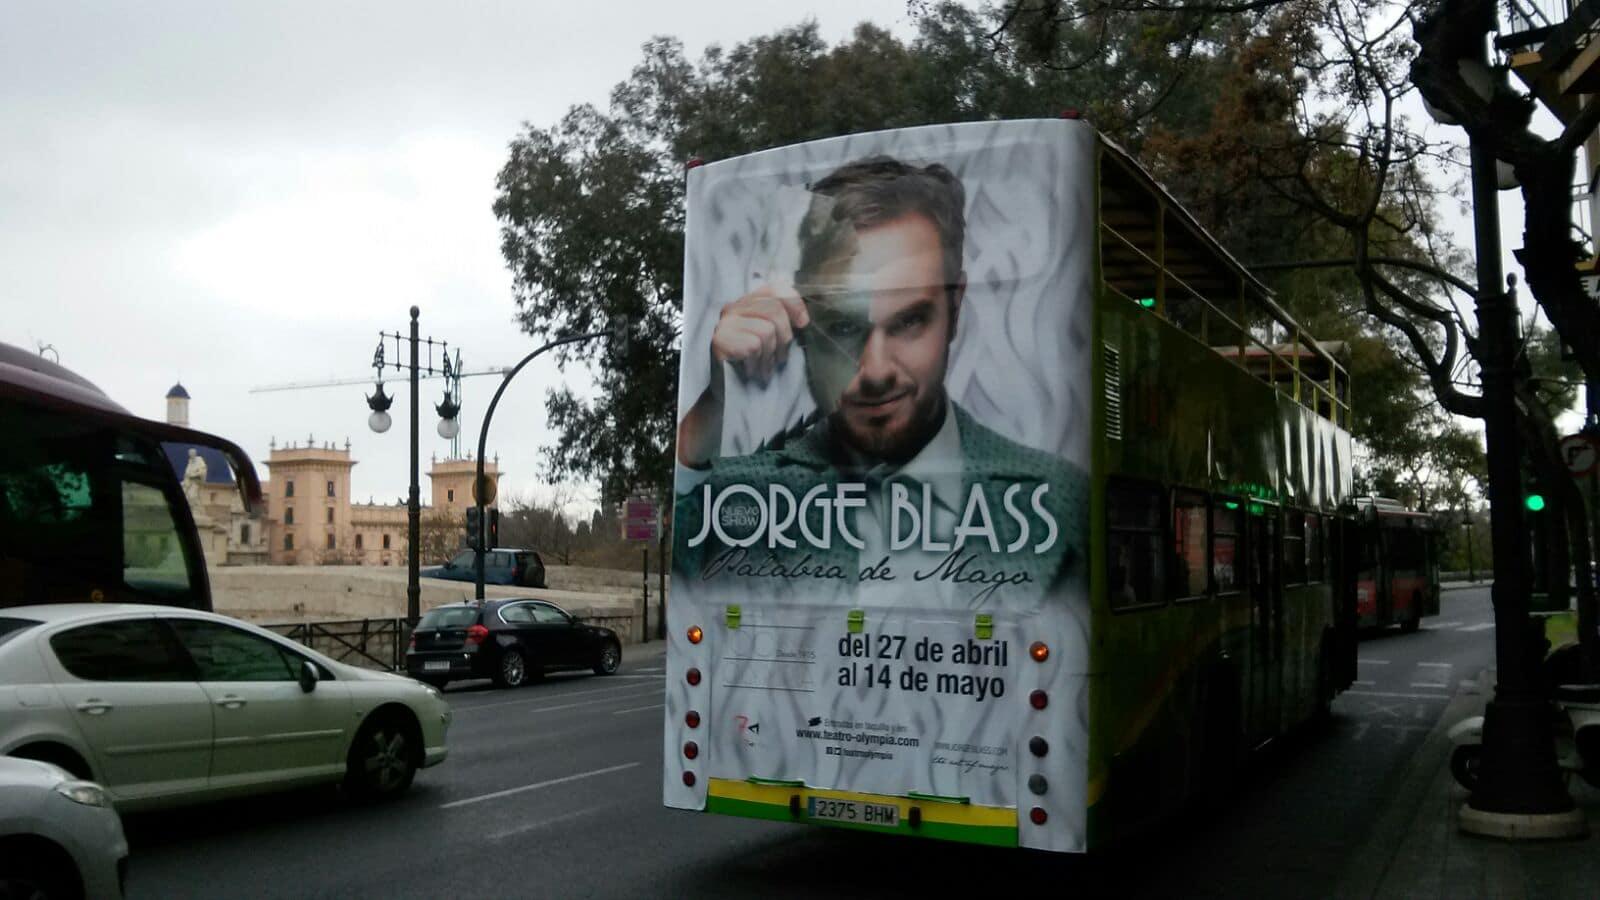 Publicidad bus turístico Valencia – Jorge Blas